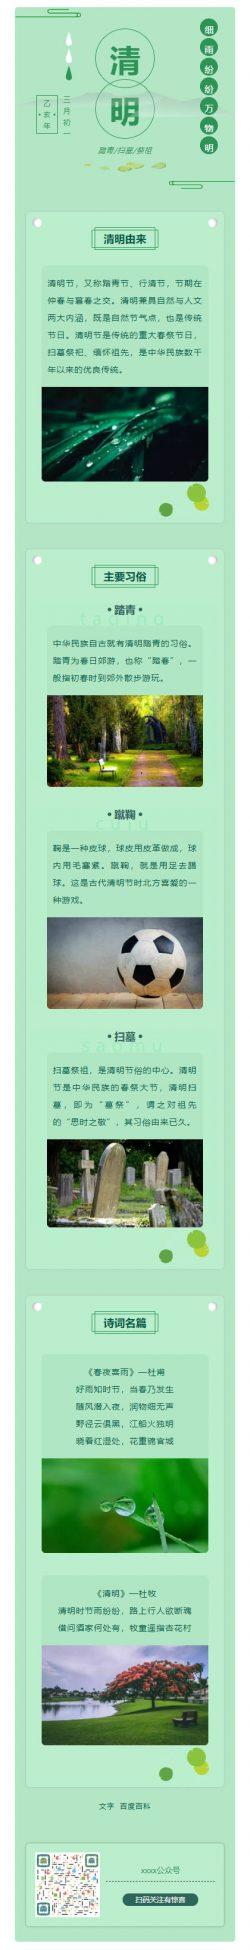 清明节踏青节传统节日扫墓祭祀绿色风格模板推文素材